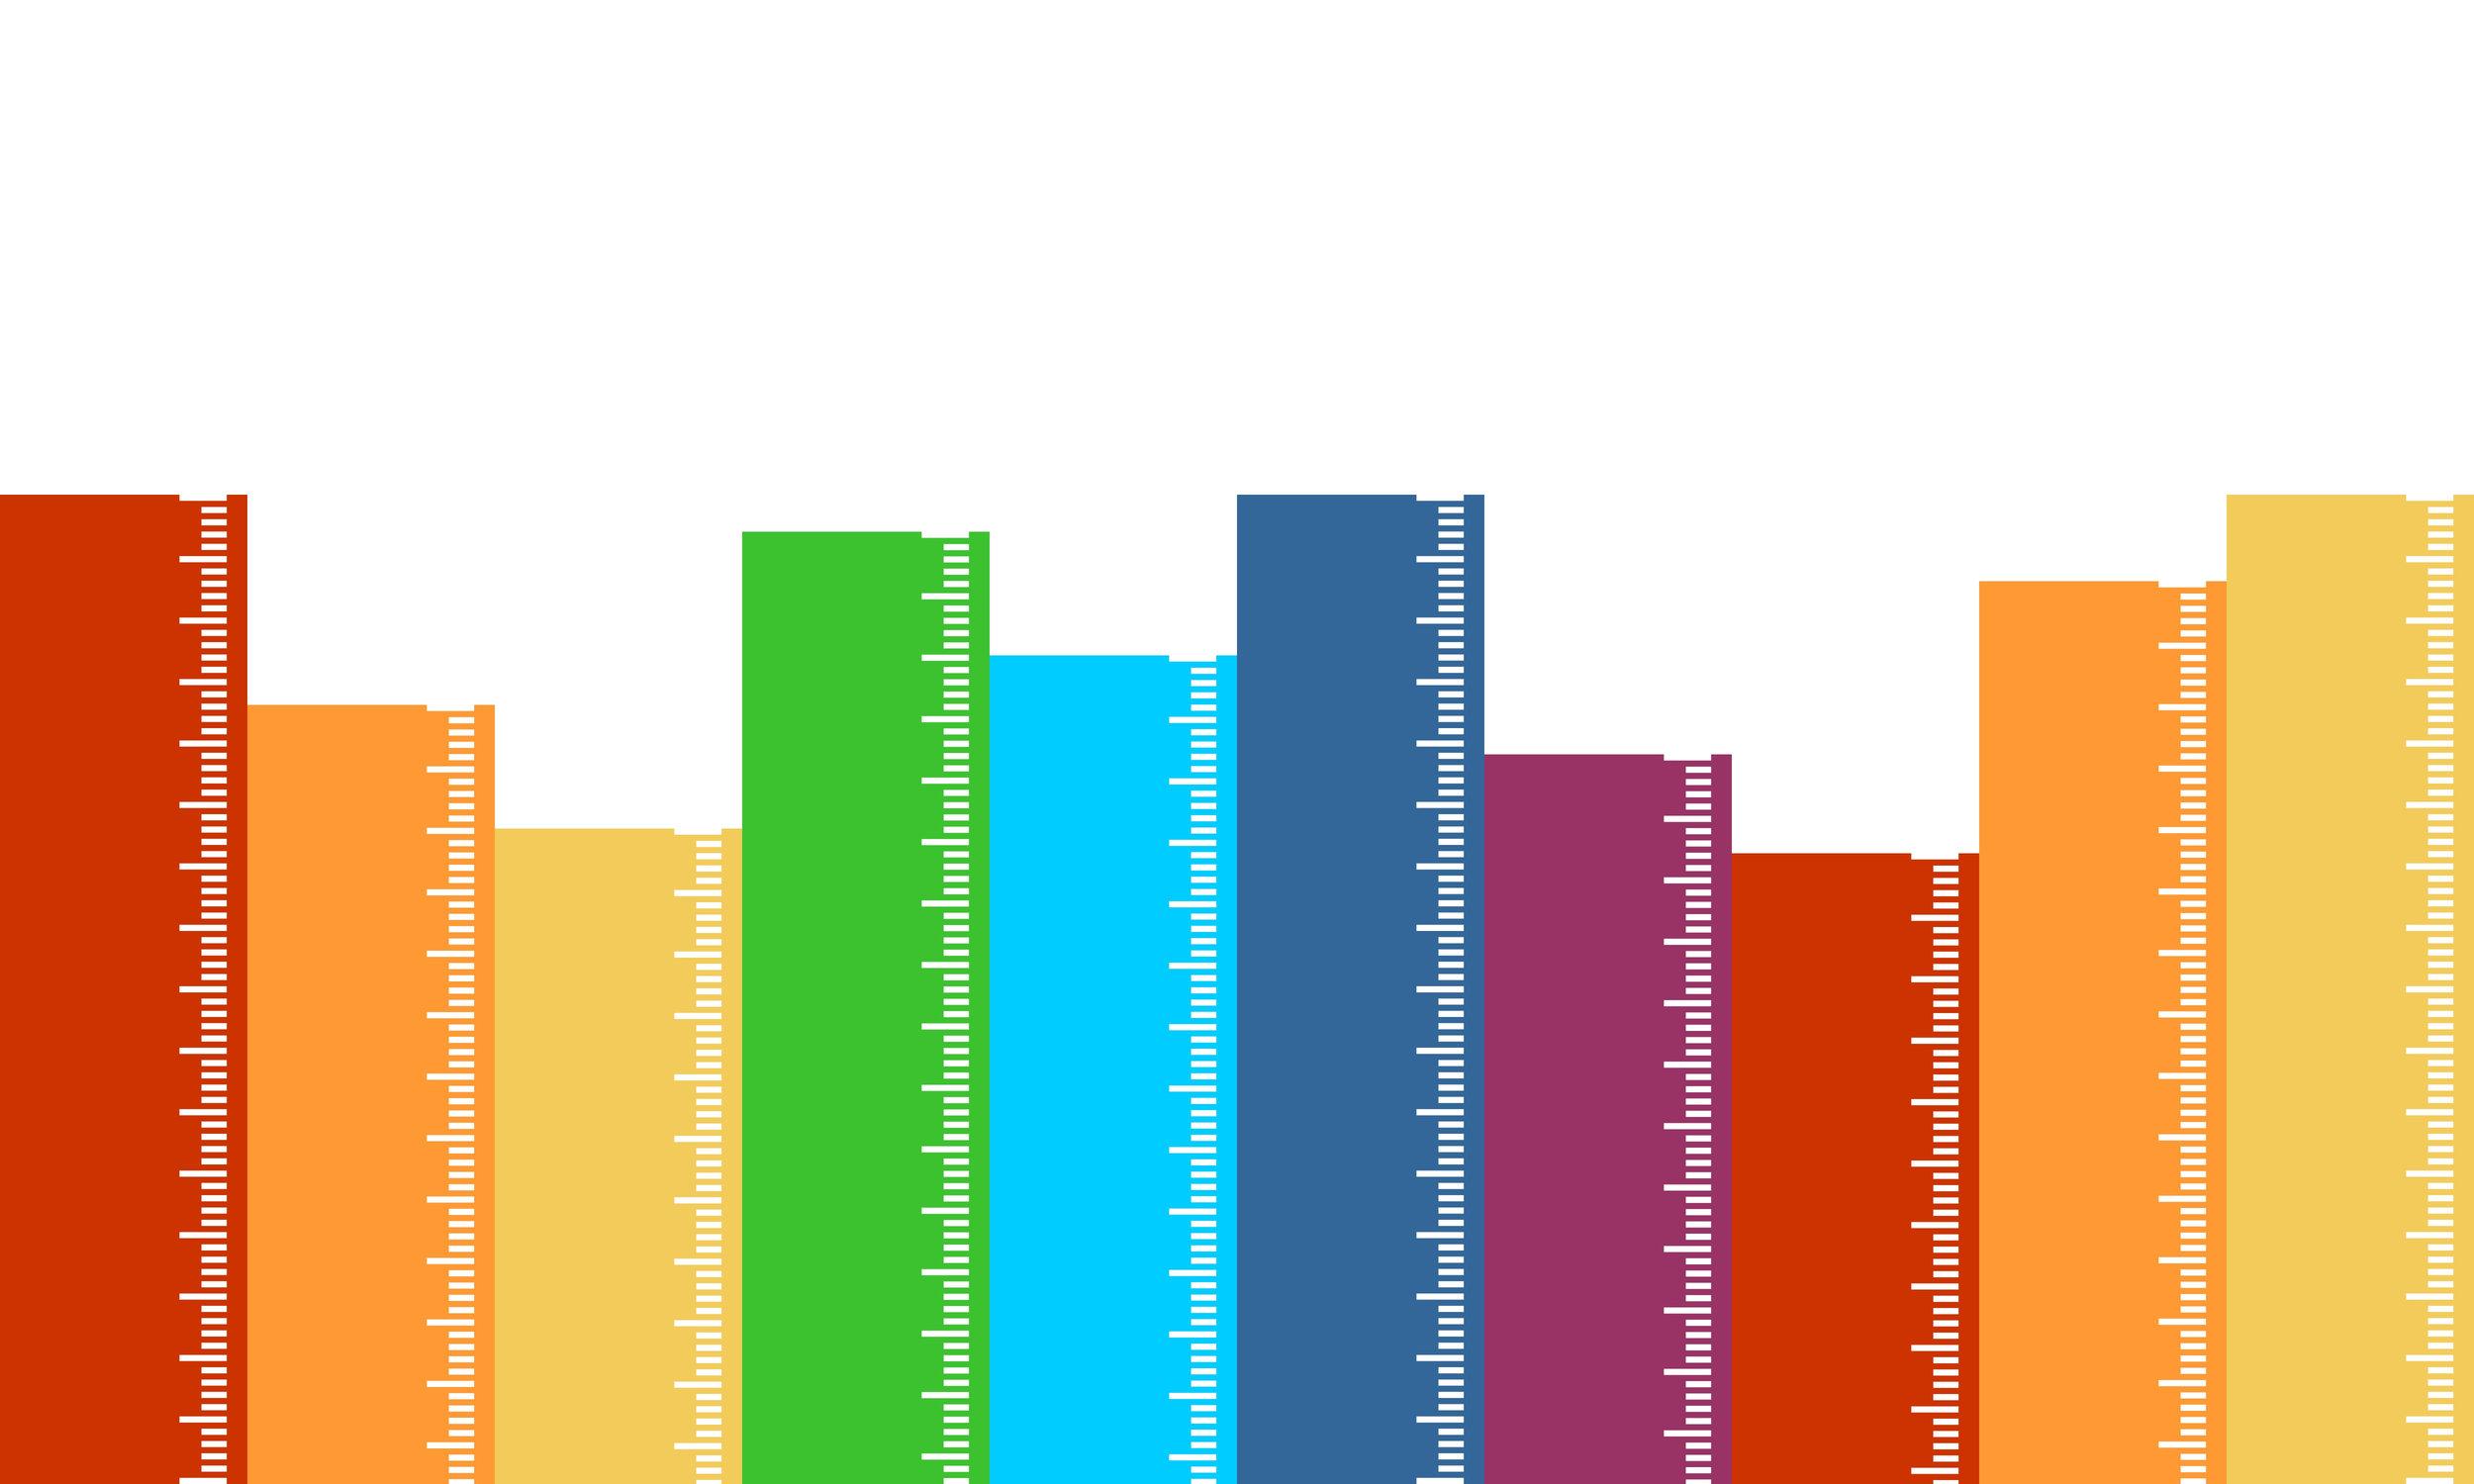 yardsticks.jpg